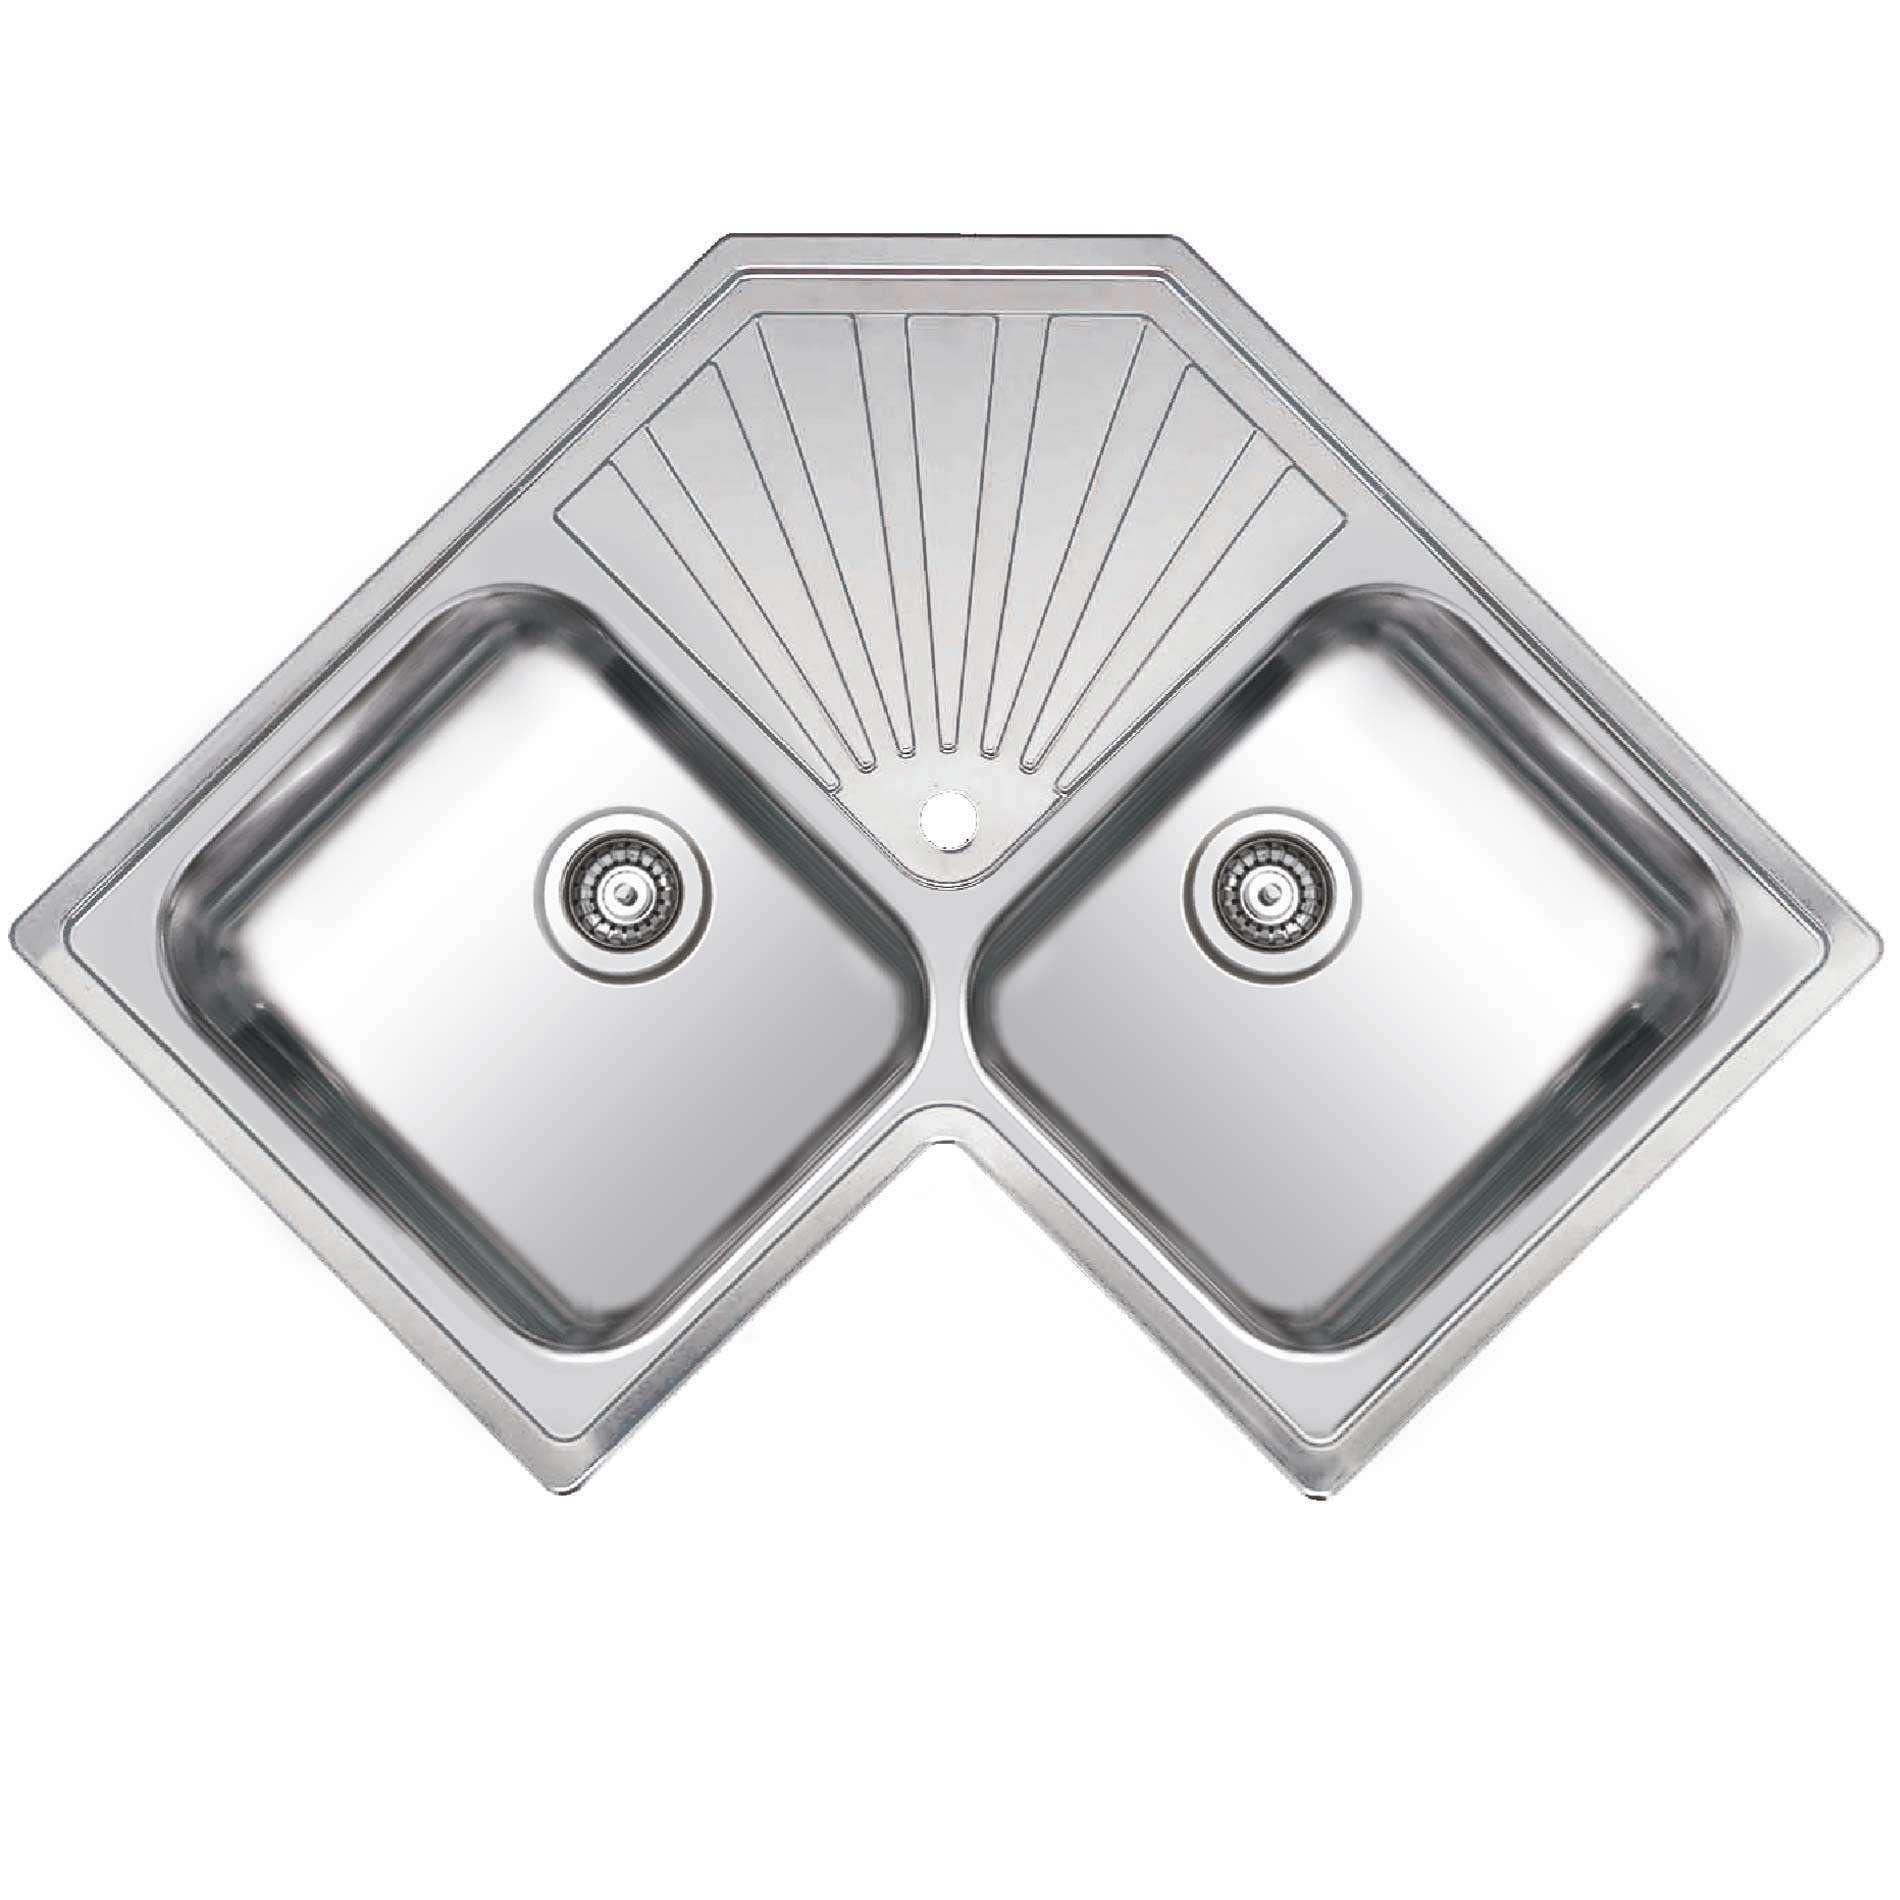 Reginox: Montreal Stainless Steel Sink - Kitchen Sinks & Taps